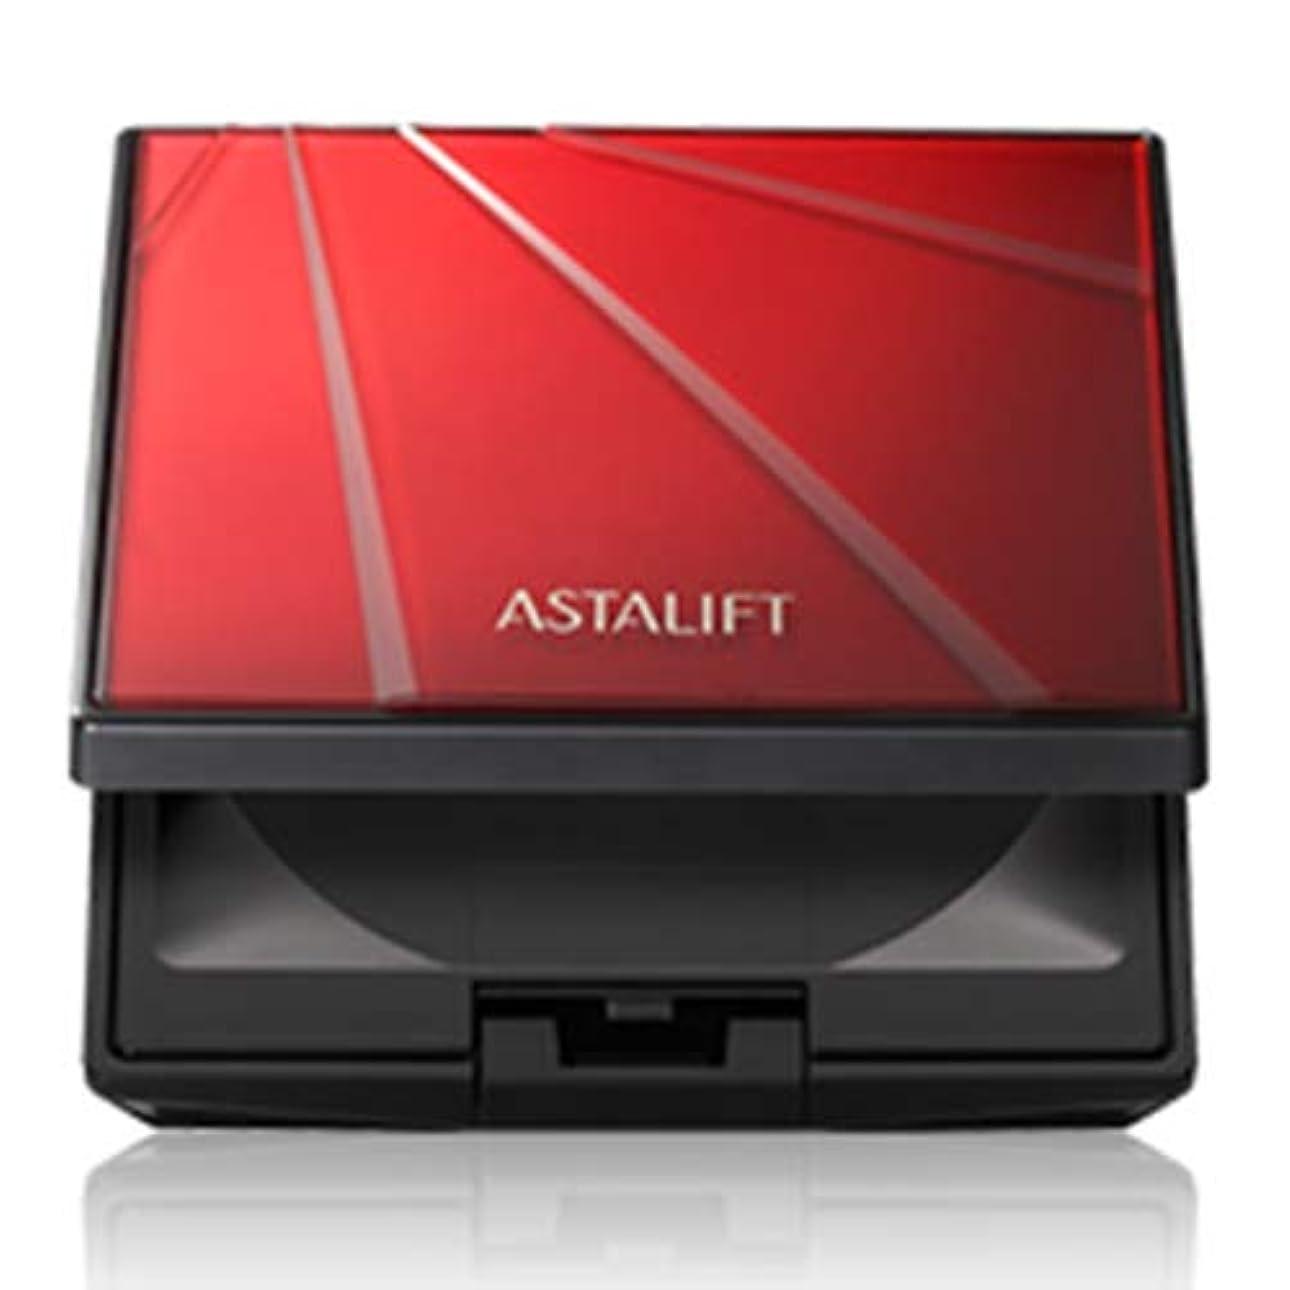 ジャーナリスト数学差ASTALIFT(アスタリフト) ライティングパーフェクション プレストパウダー用ケース